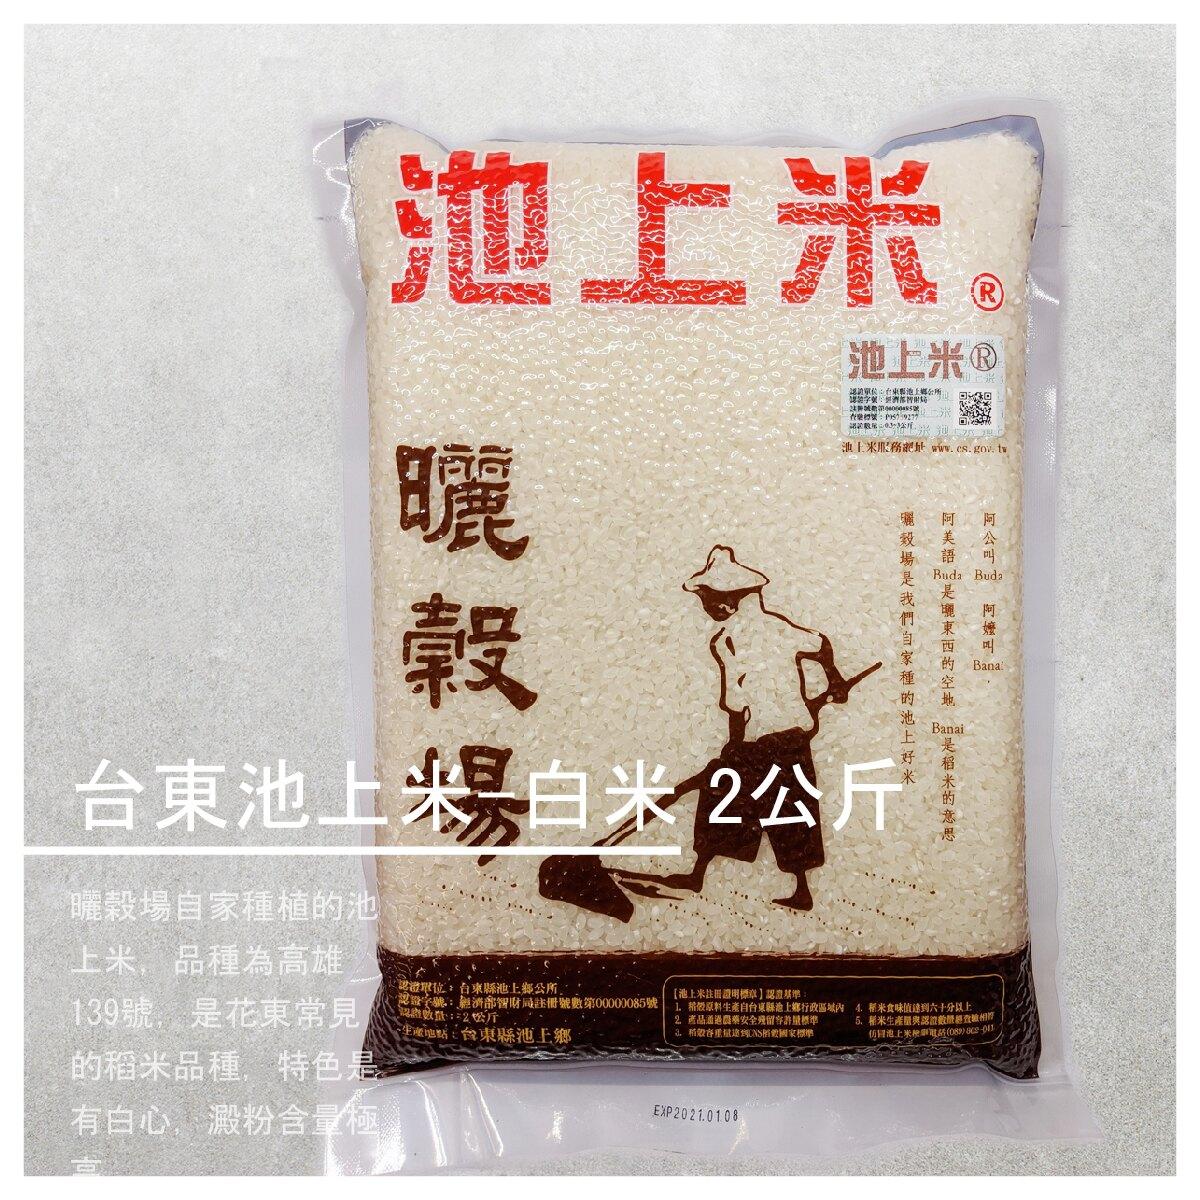 【曬穀場手作坊&旅棧】台東池上米-白米 2公斤